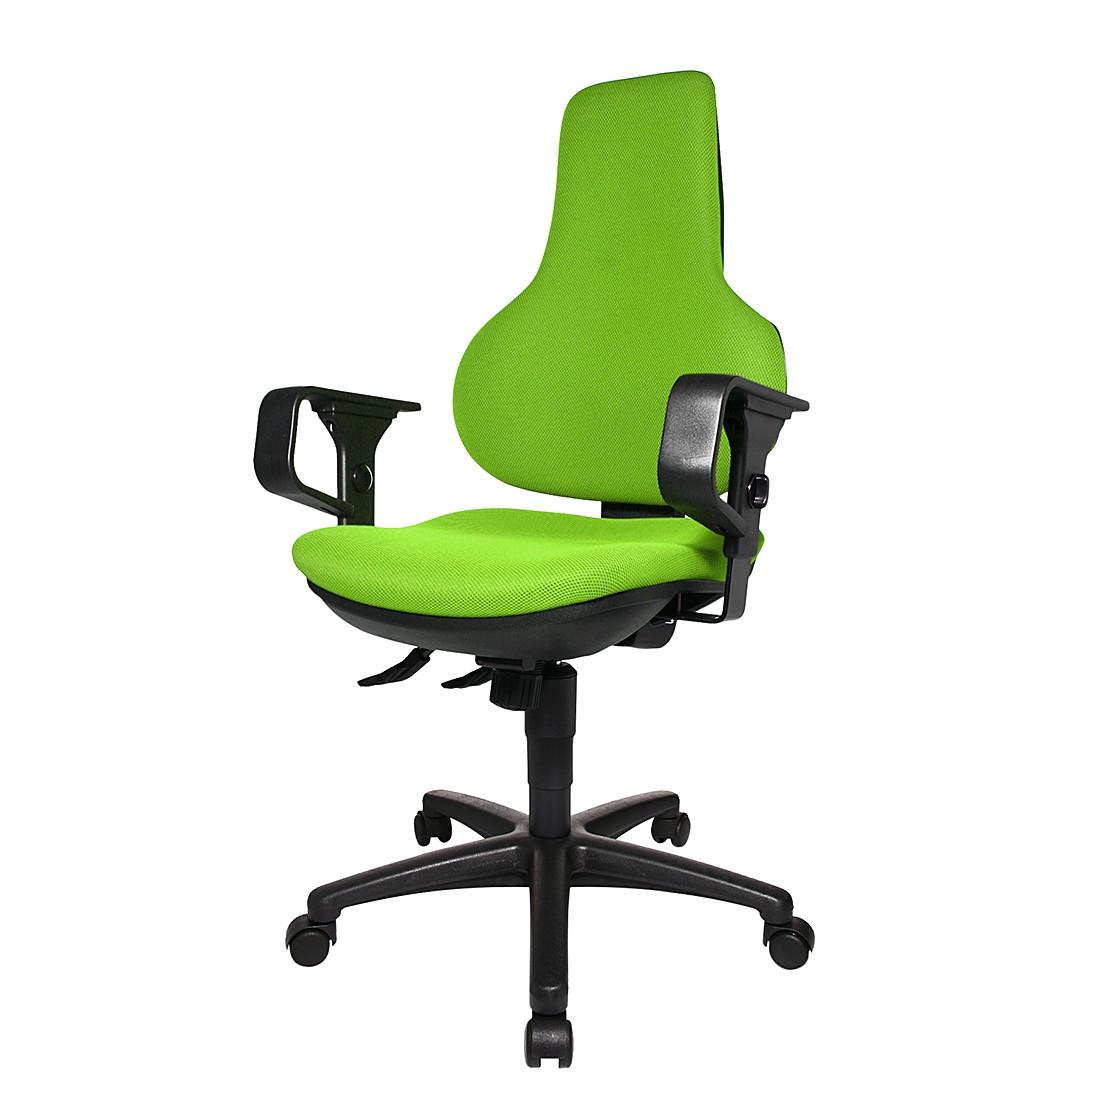 Bürodrehstuhl Ergo Point SY – Mit Armlehnen – Grün, Topstar online kaufen